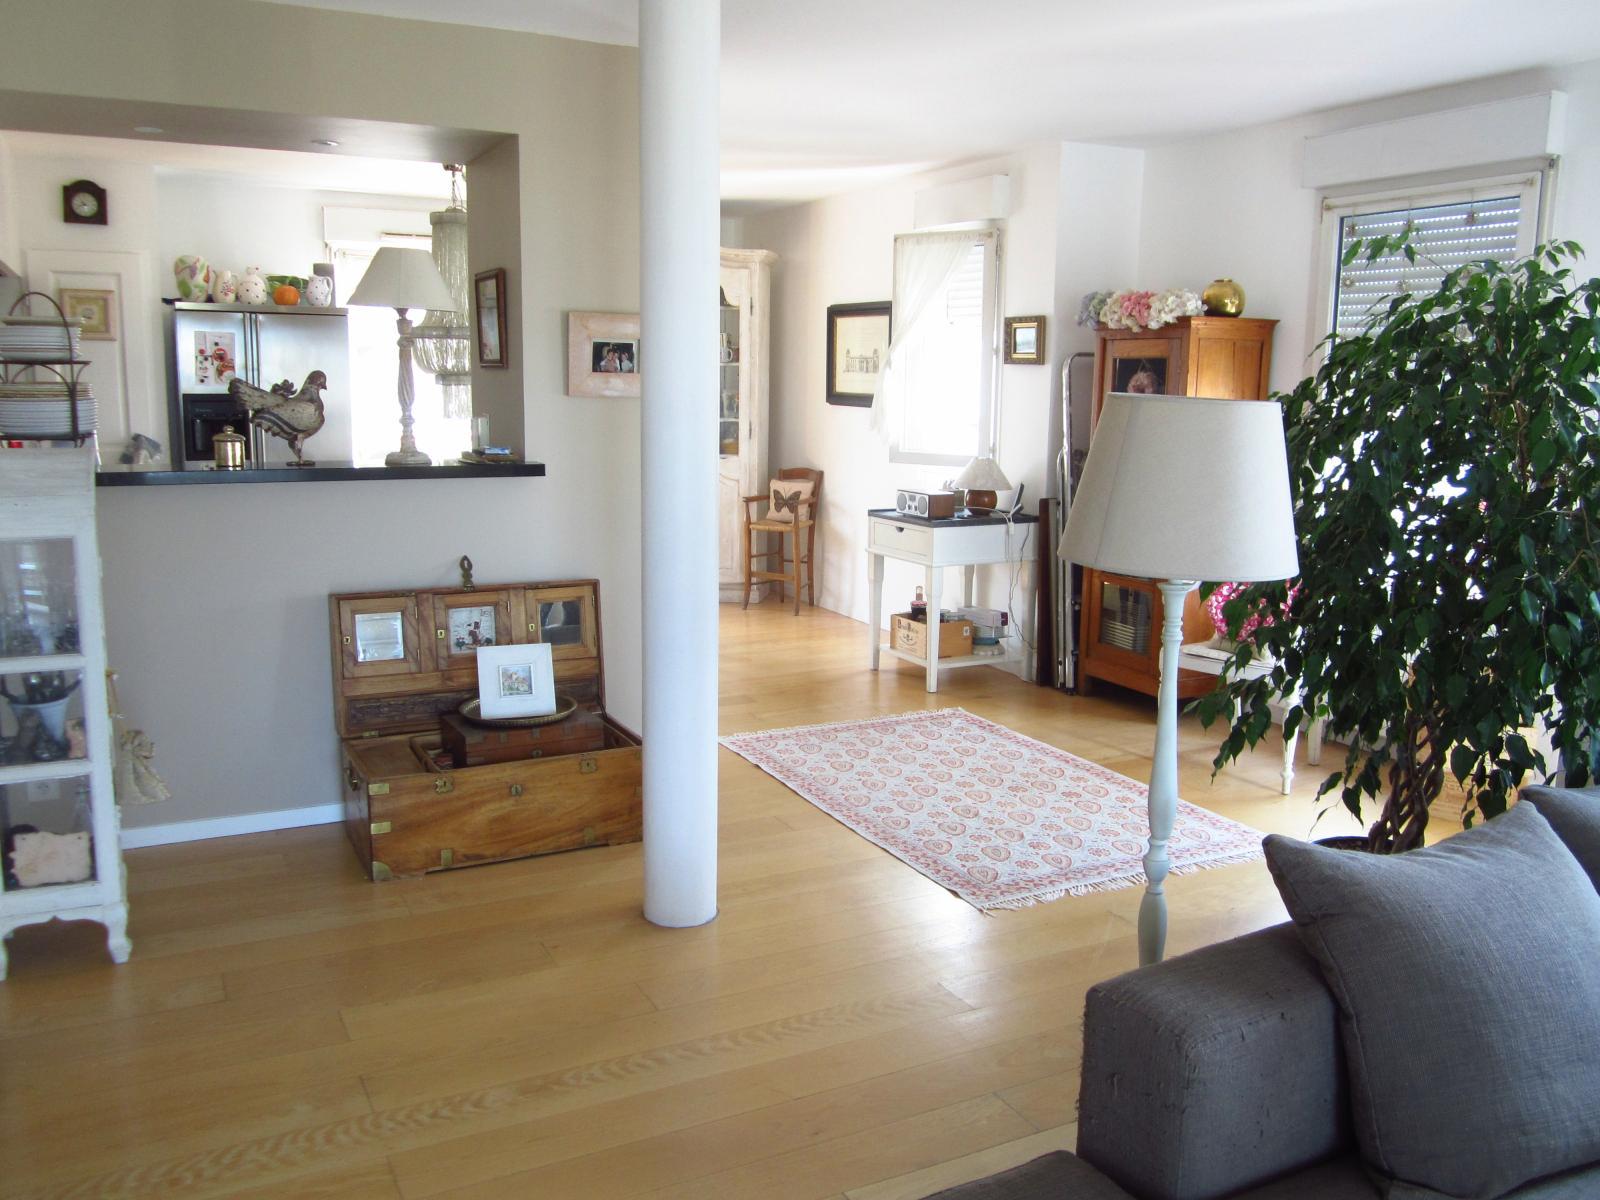 EXCLUSIVITE St Julien-en-Genevois Magnifique Appartement T5 en duplex dernier étage de 153 m² utiles !